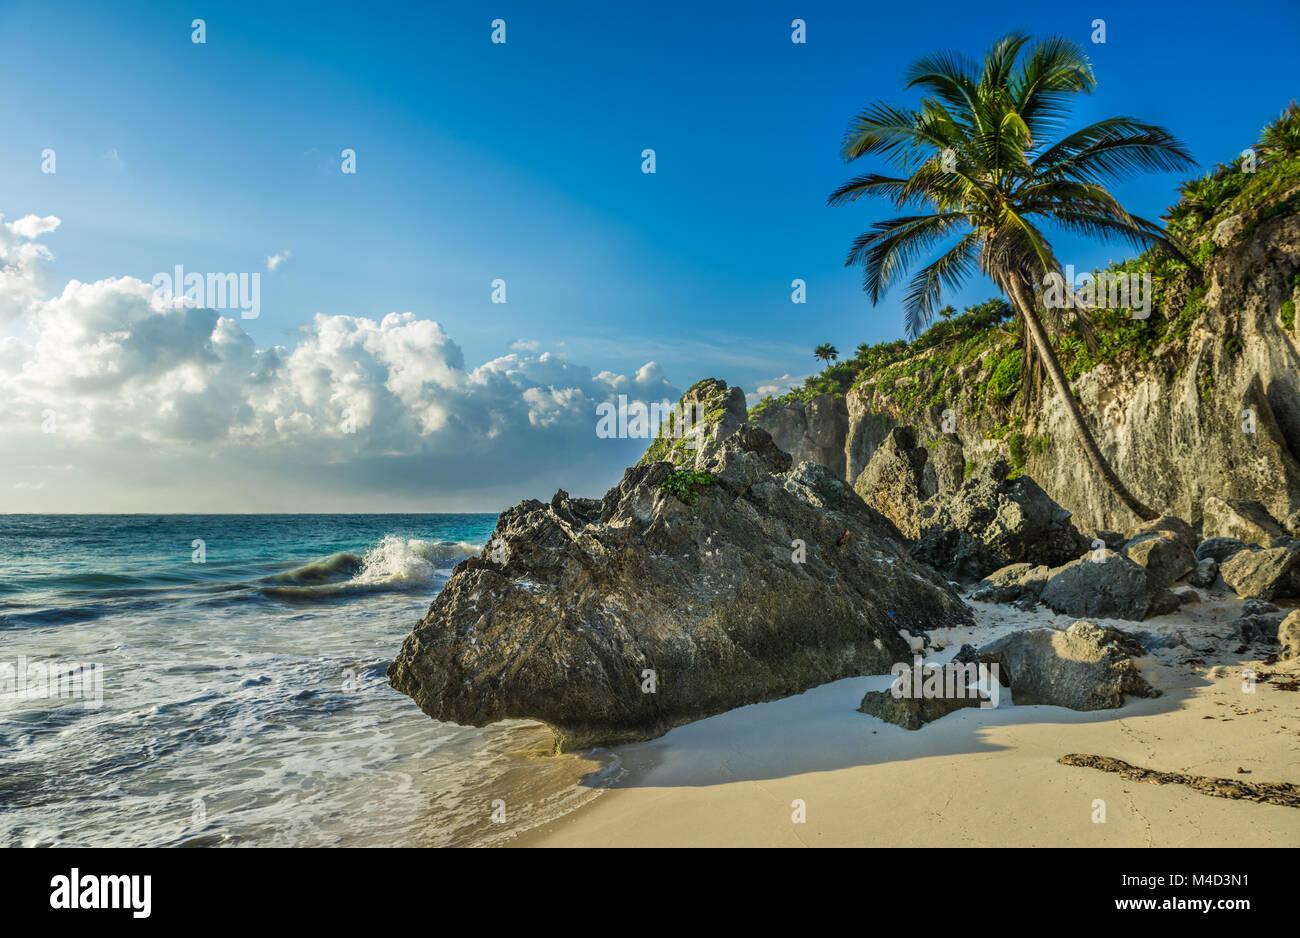 Plage des Caraïbes avec cocotier, Tulum, Mexique Photo Stock